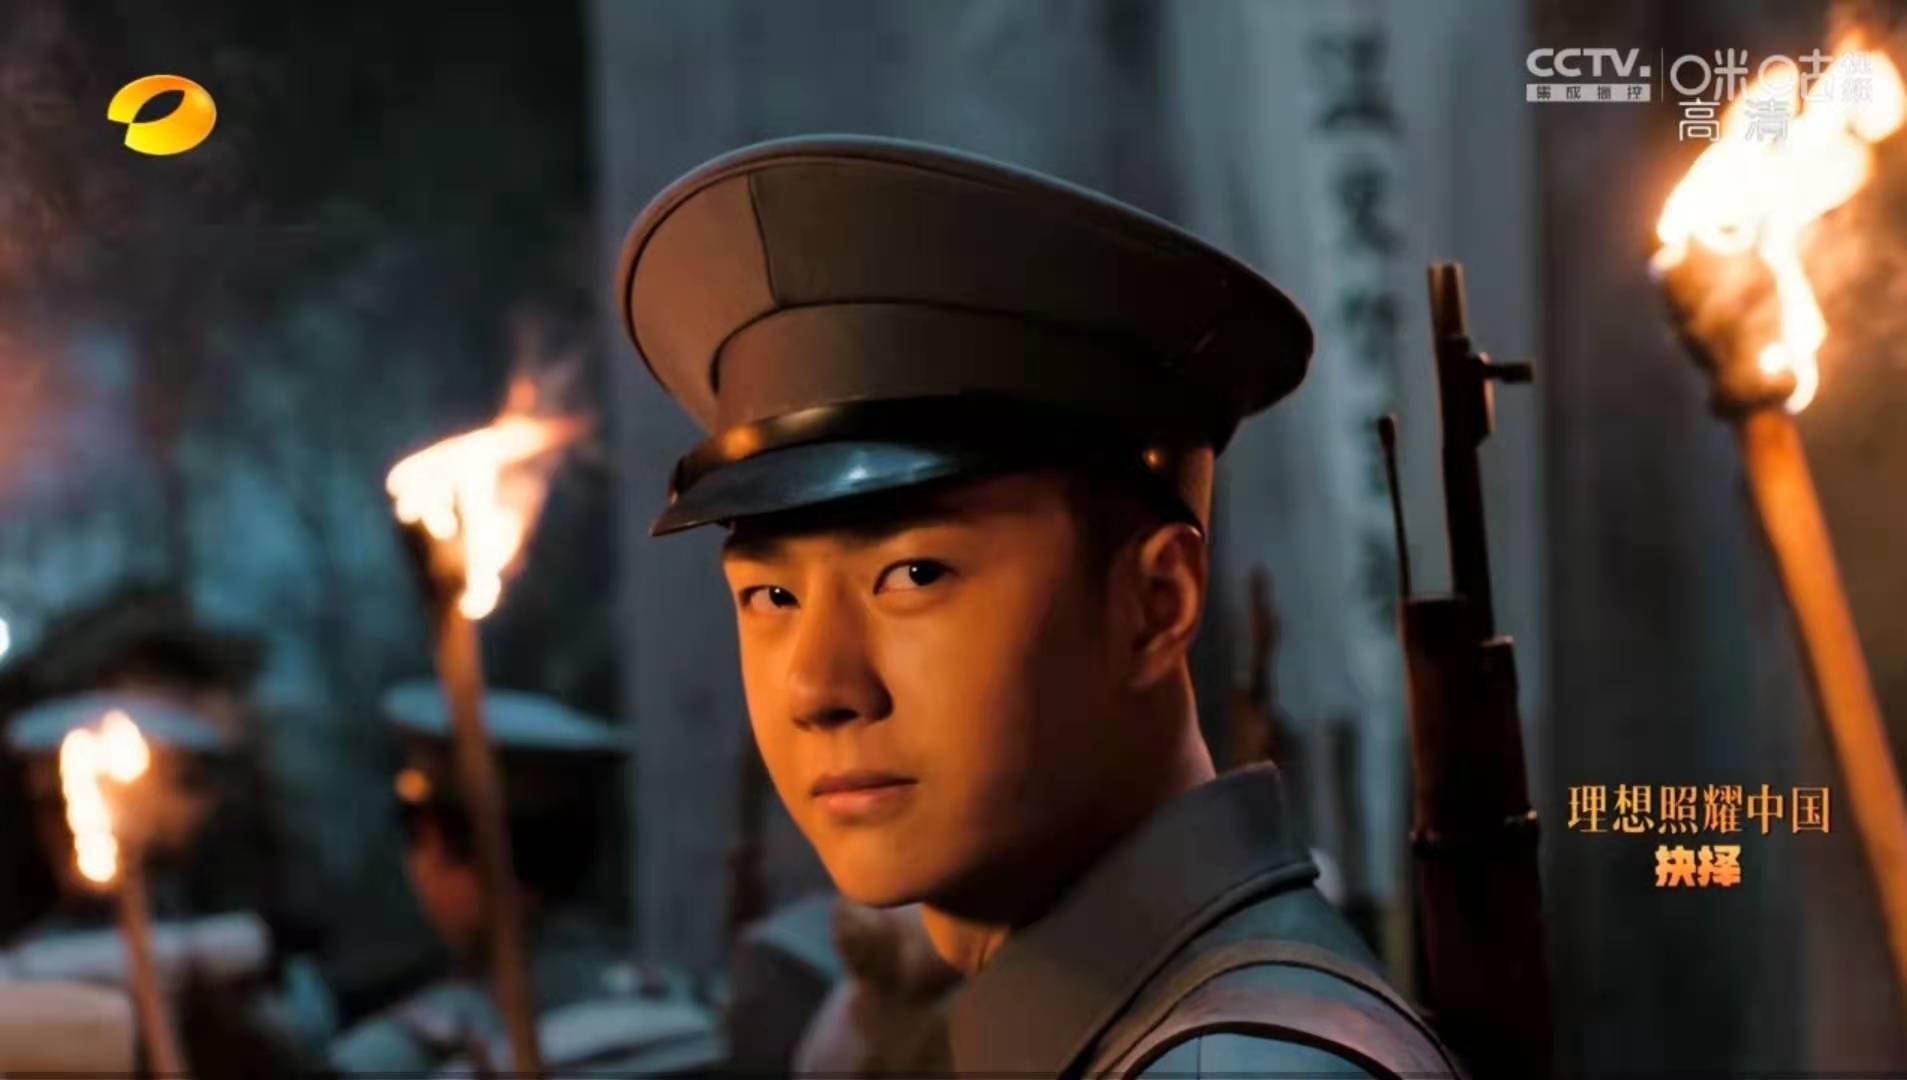 《理想照耀中国》:王一博演活主人公,眼神诀别,感动哭了